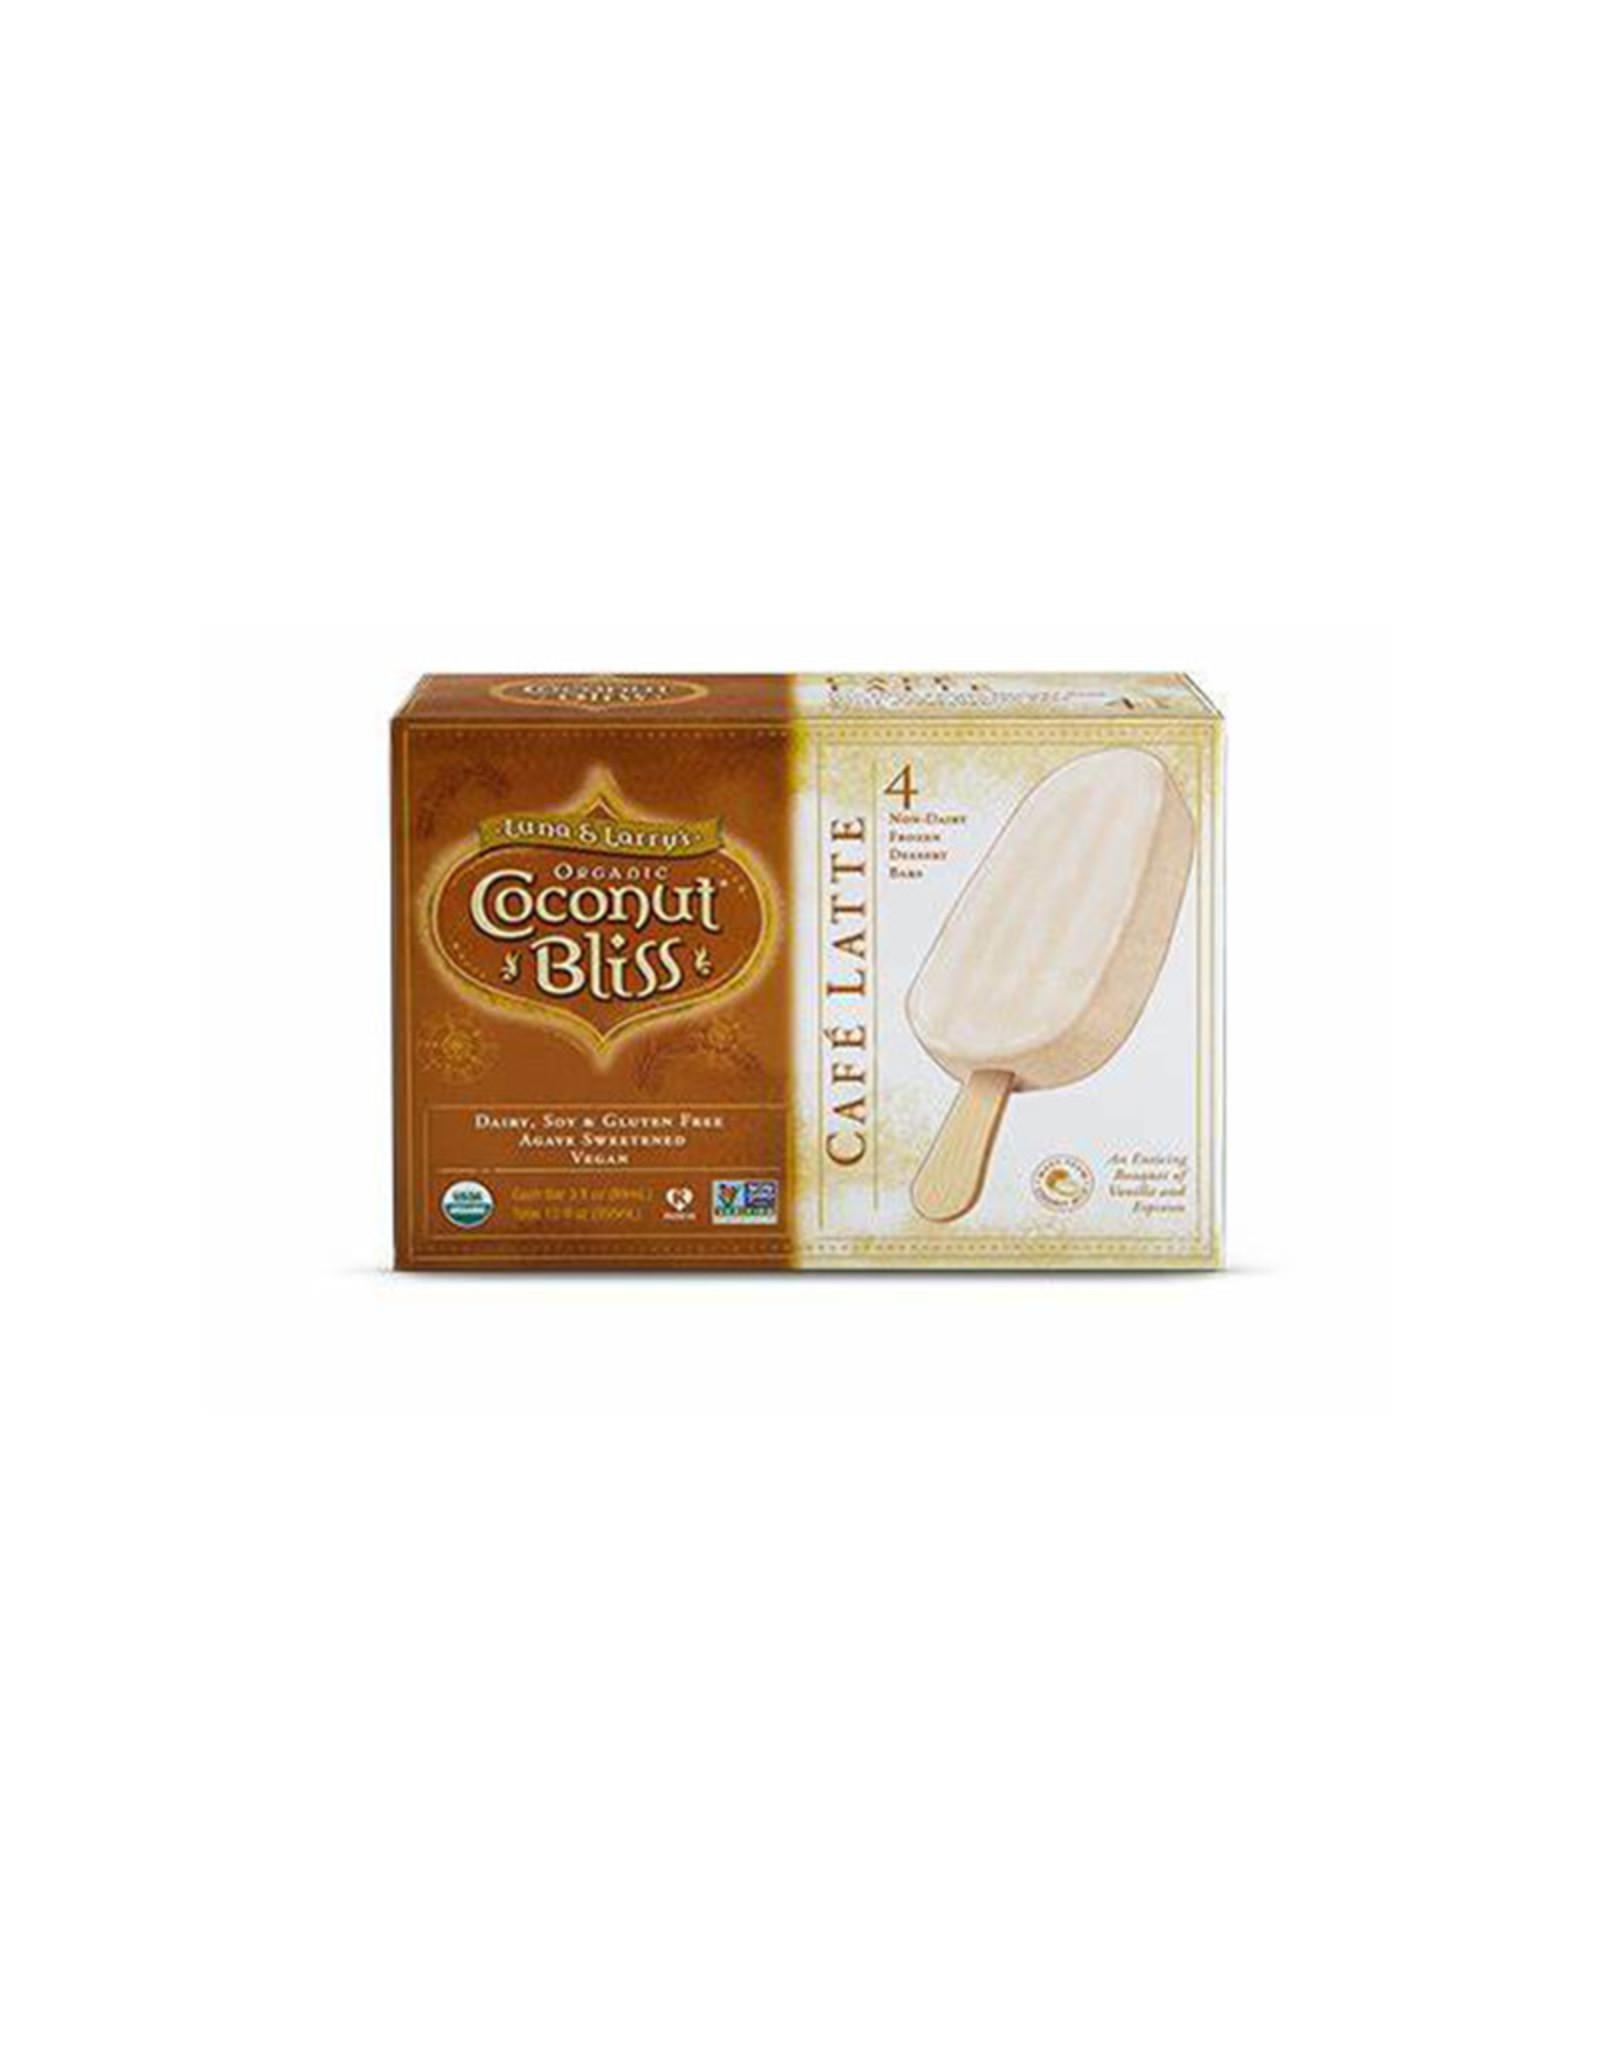 Coconut Bliss Coconut Bliss - Barre de Crème Glacée, Café Latte Bio (Boîte de 4) (89ml)